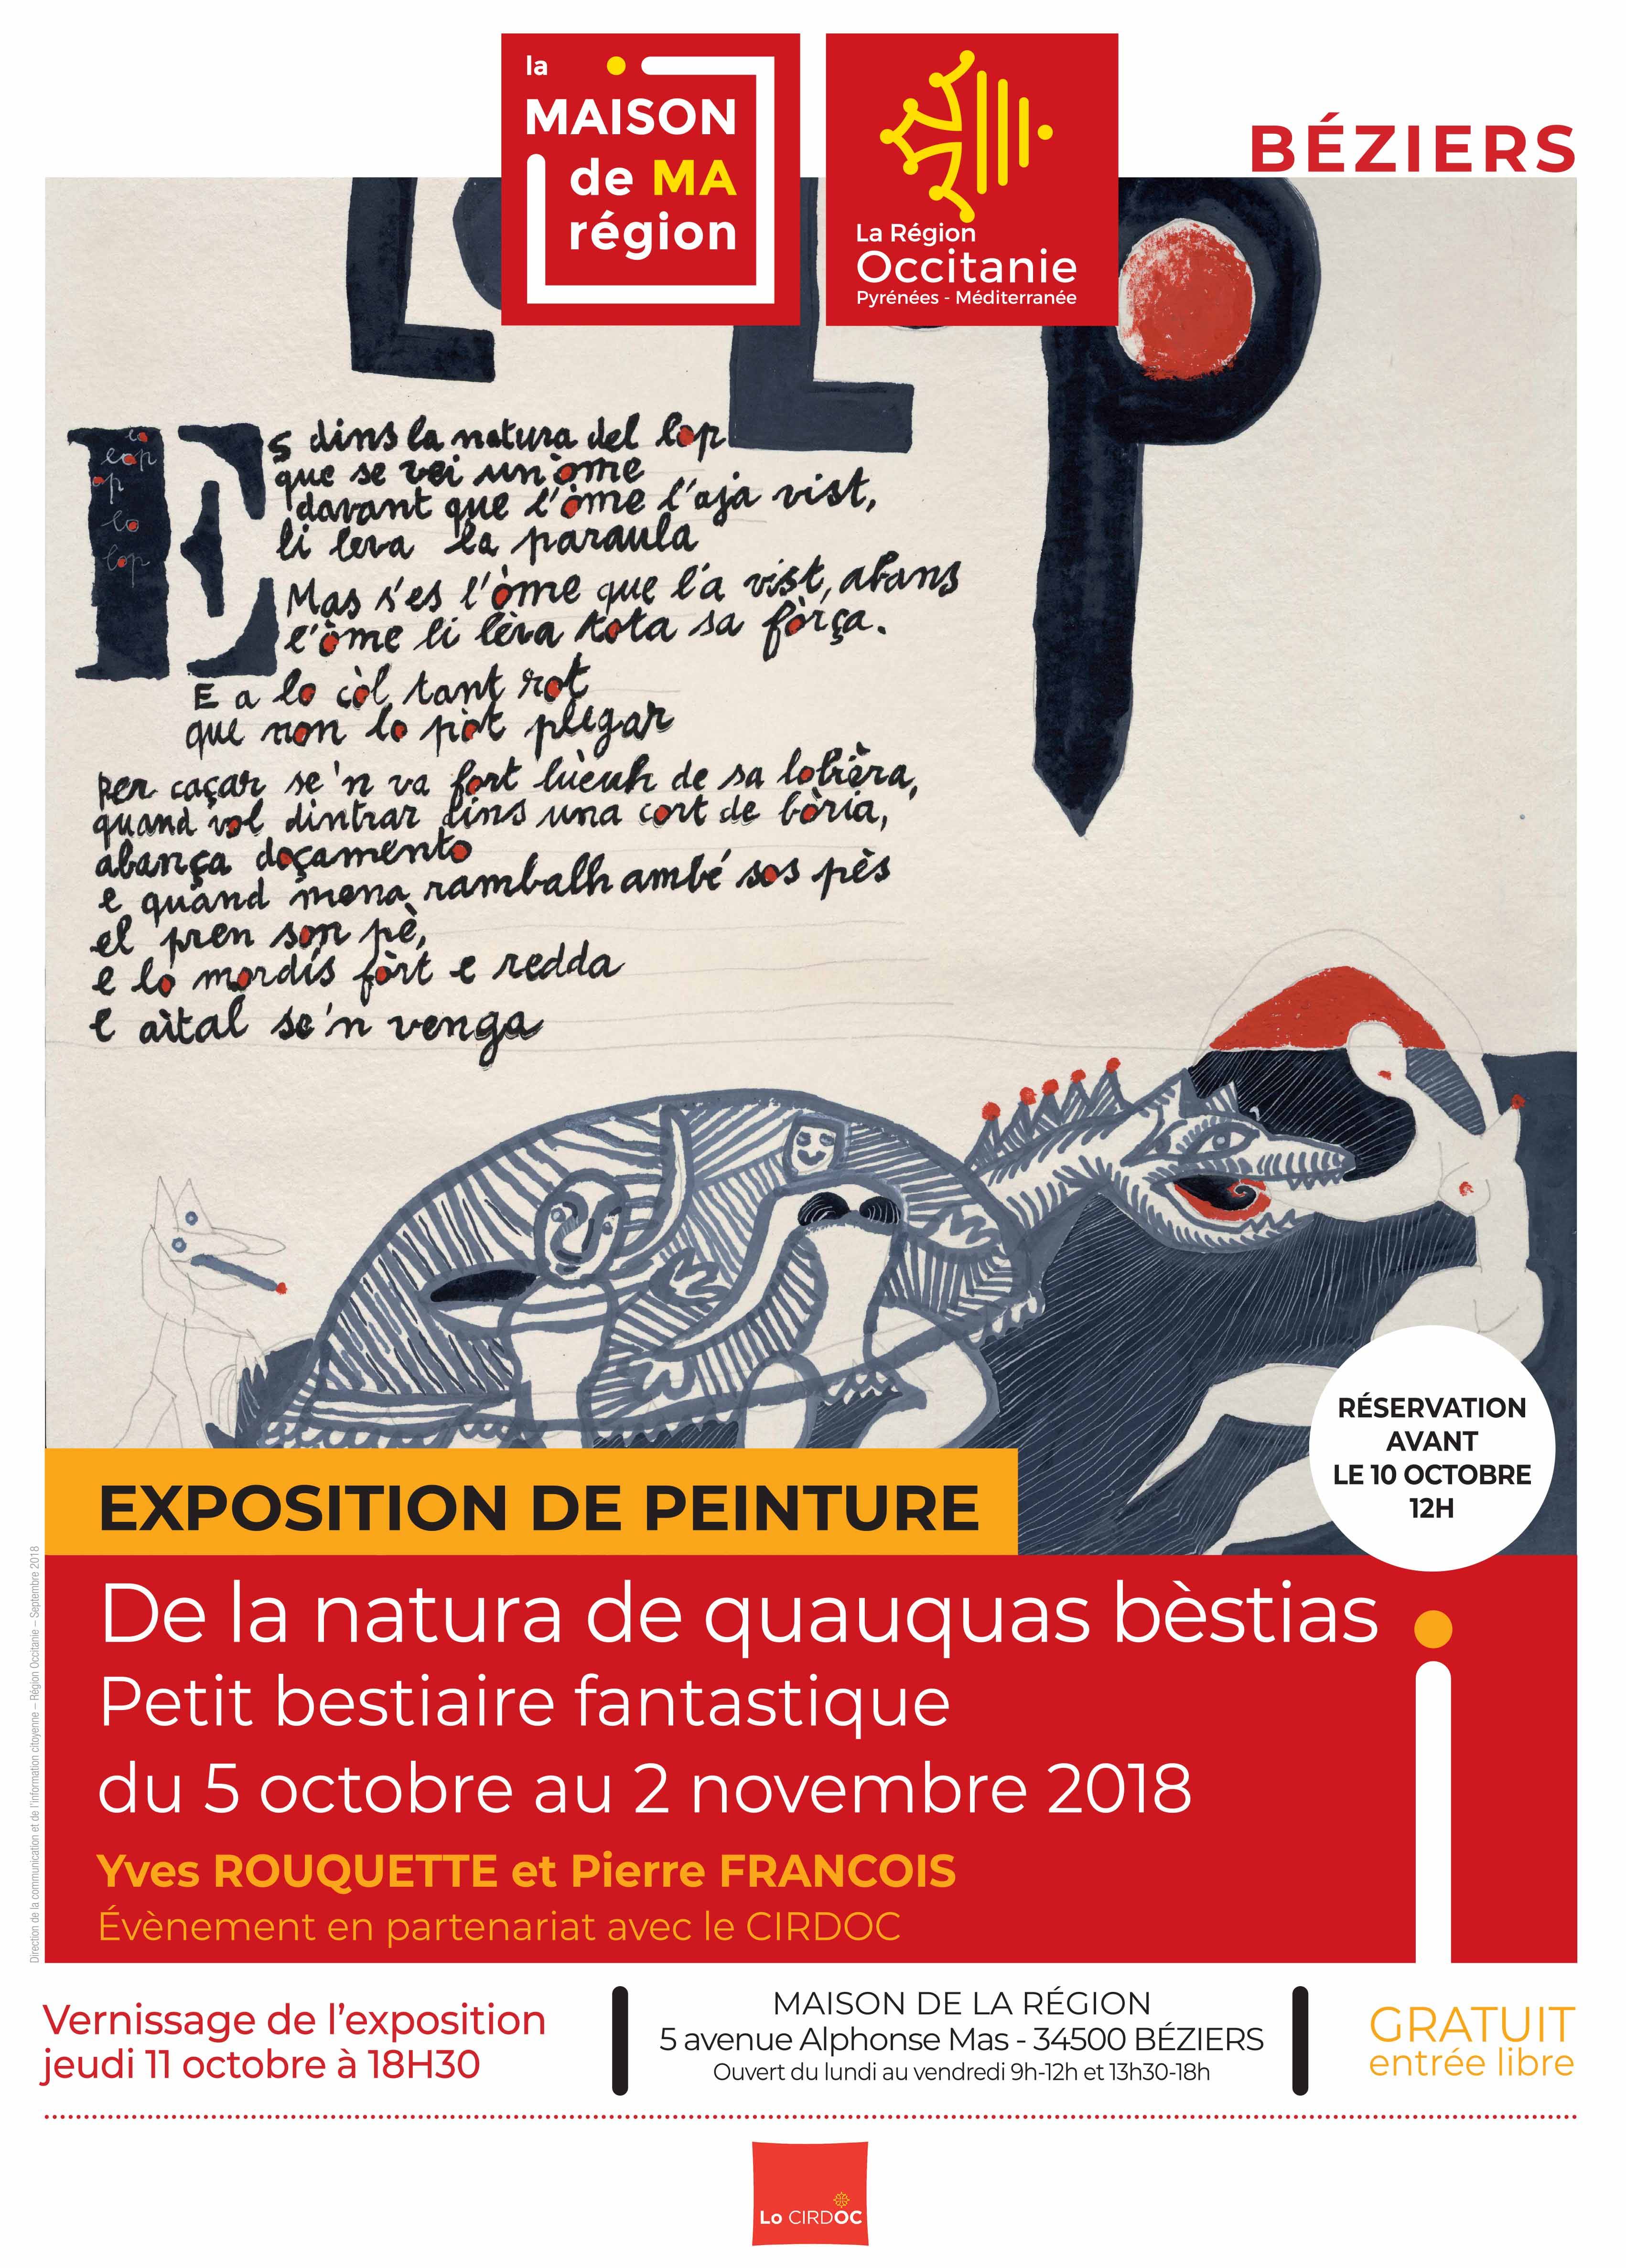 http://www.locirdoc.fr/wp-content/uploads/2018/10/18-08-297x420-AFFICHE-MDR-BEZIERS-CIRDOC-BD.jpg